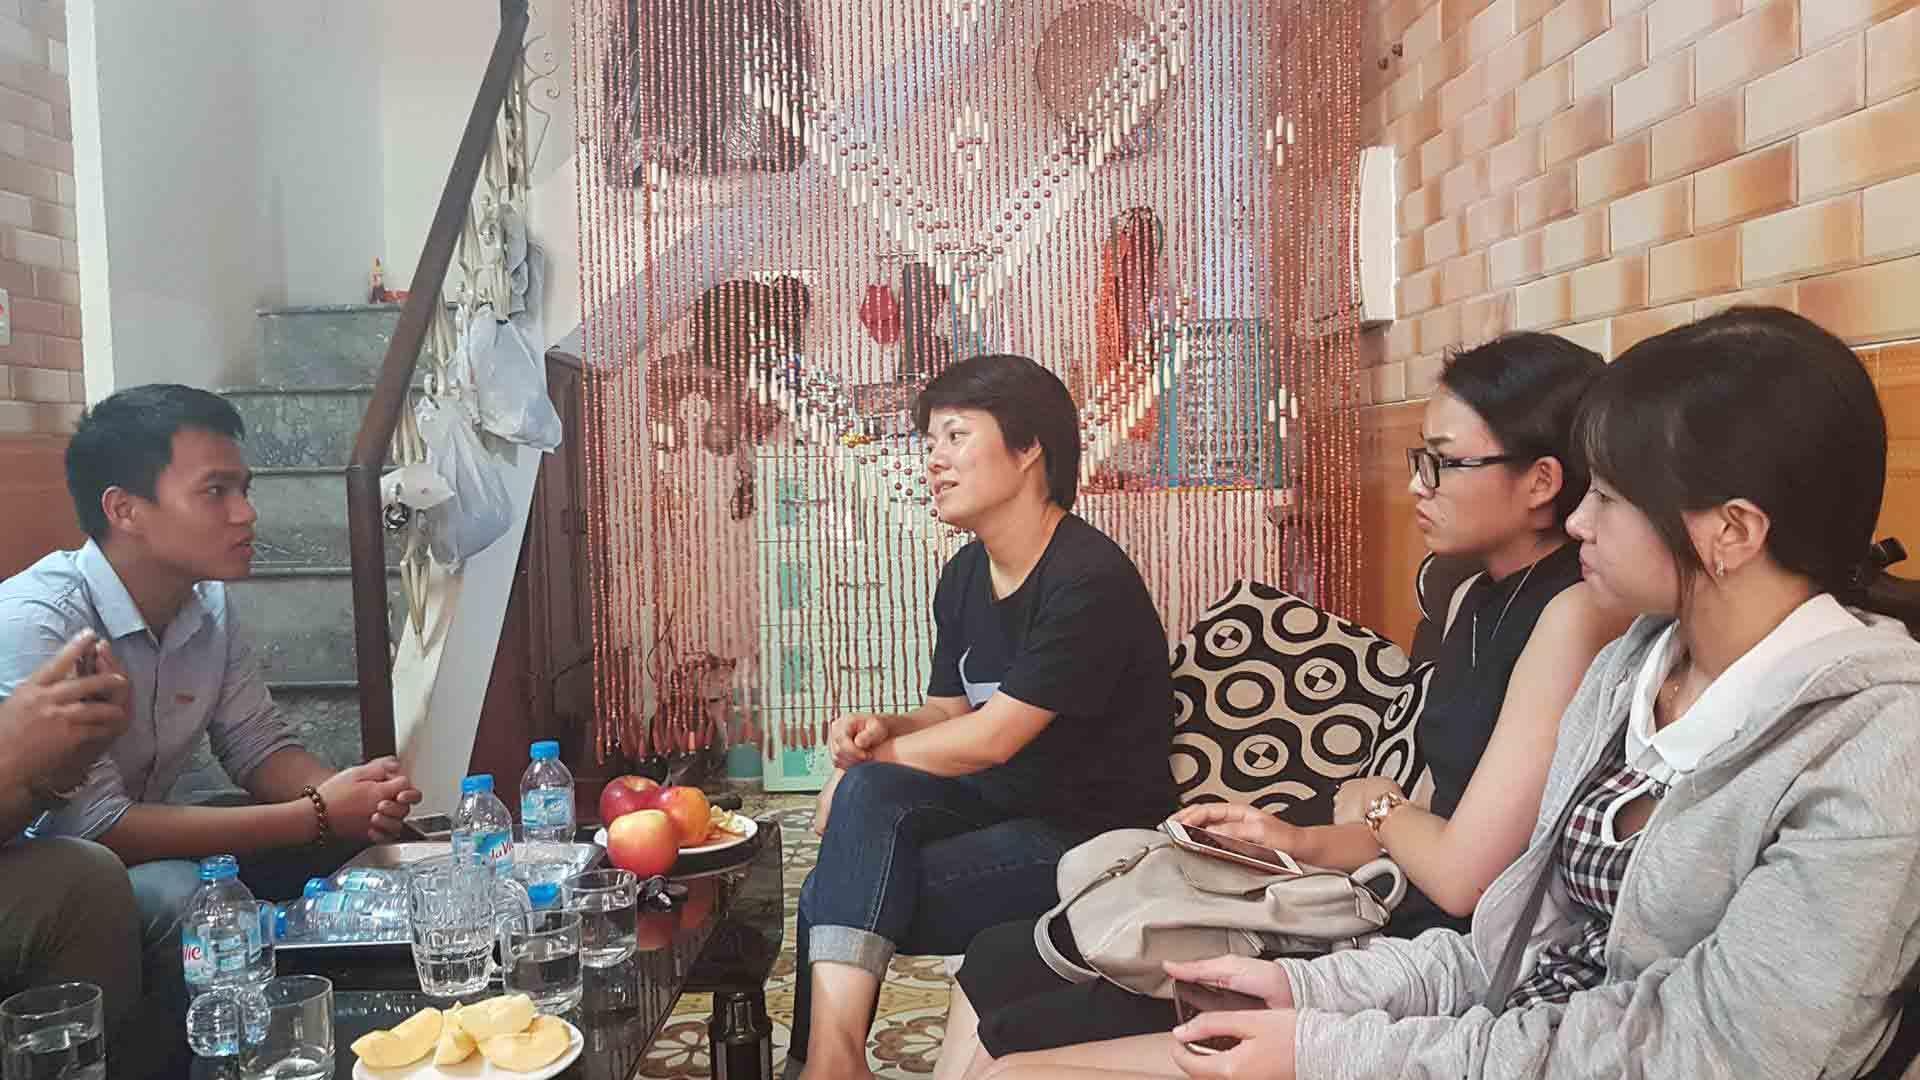 Xin chứng tử gặp khó: Gia đình chị Hoa nói gì với thanh tra